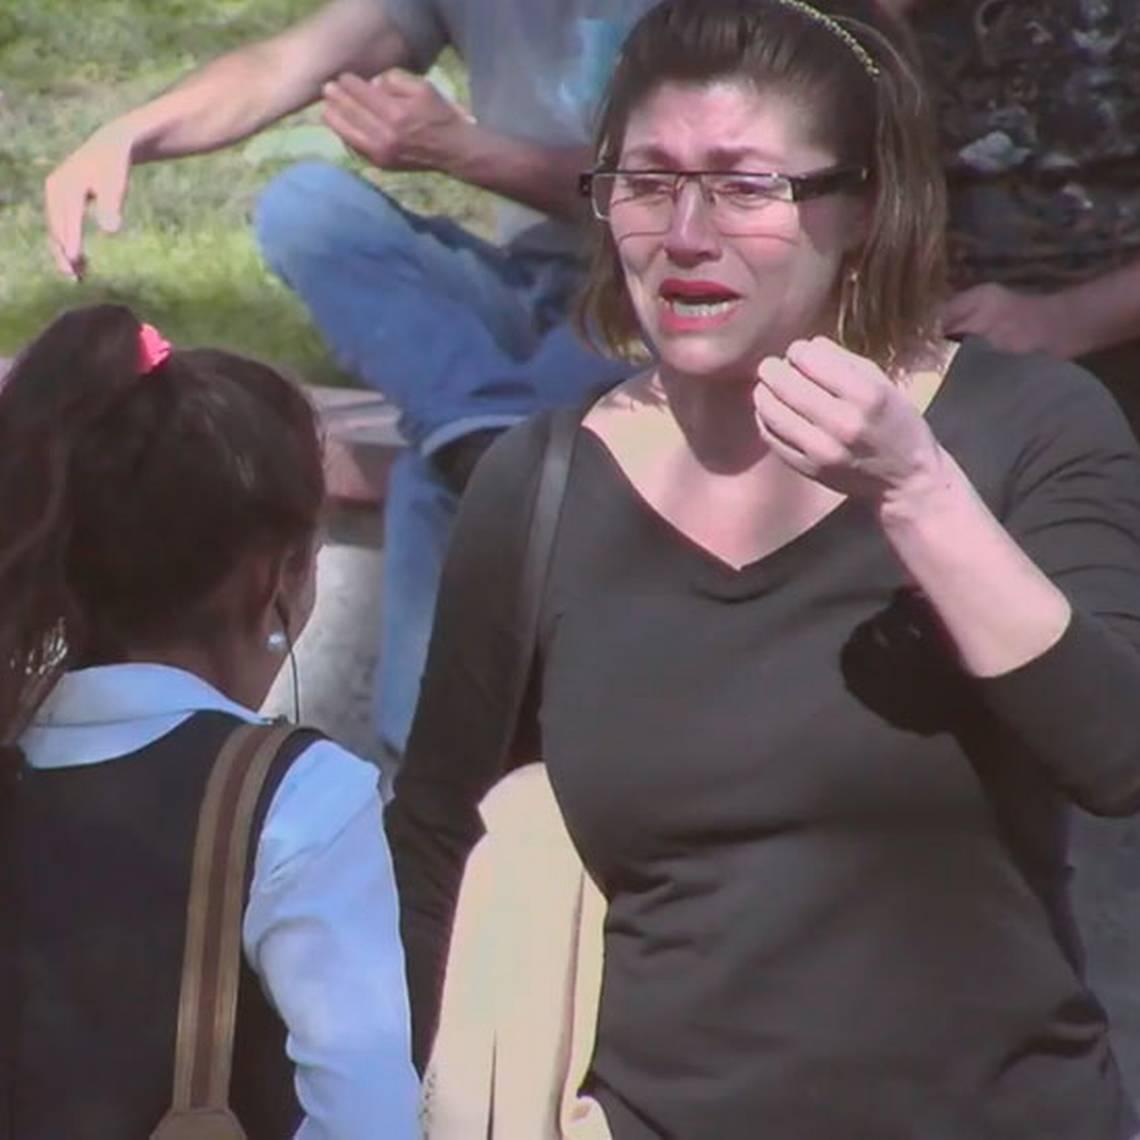 Una madre rechaza a su hija en público